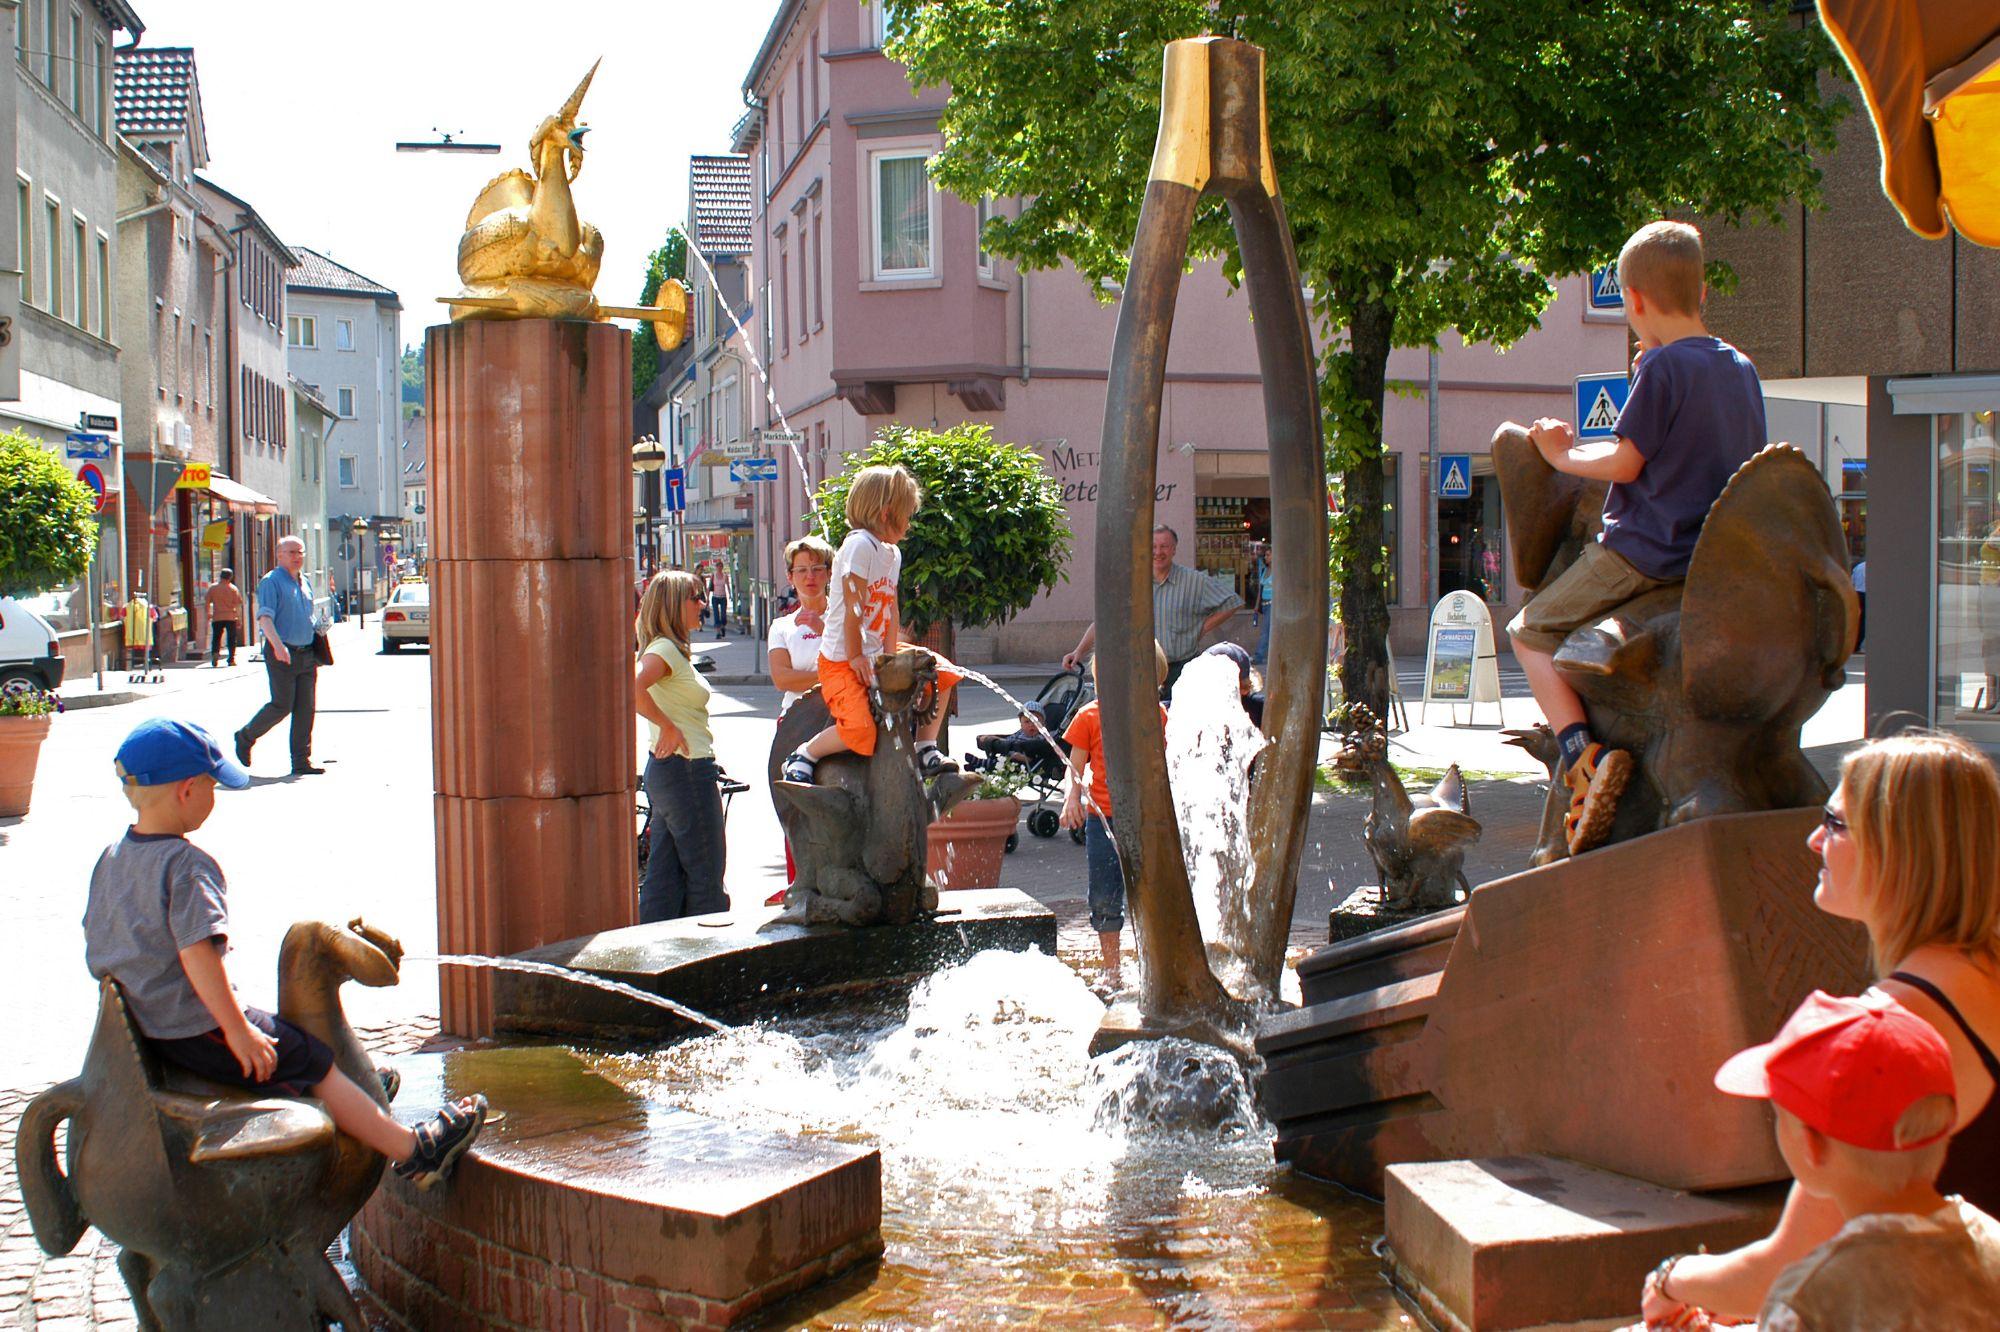 Auf dem Bild sieht man einen Teil des Fabelbrunnens mit spielenden Kindern, auf verschiedenen Säulen sitzen Tierskulpturen, aus deren Mündern Wasser spritzt